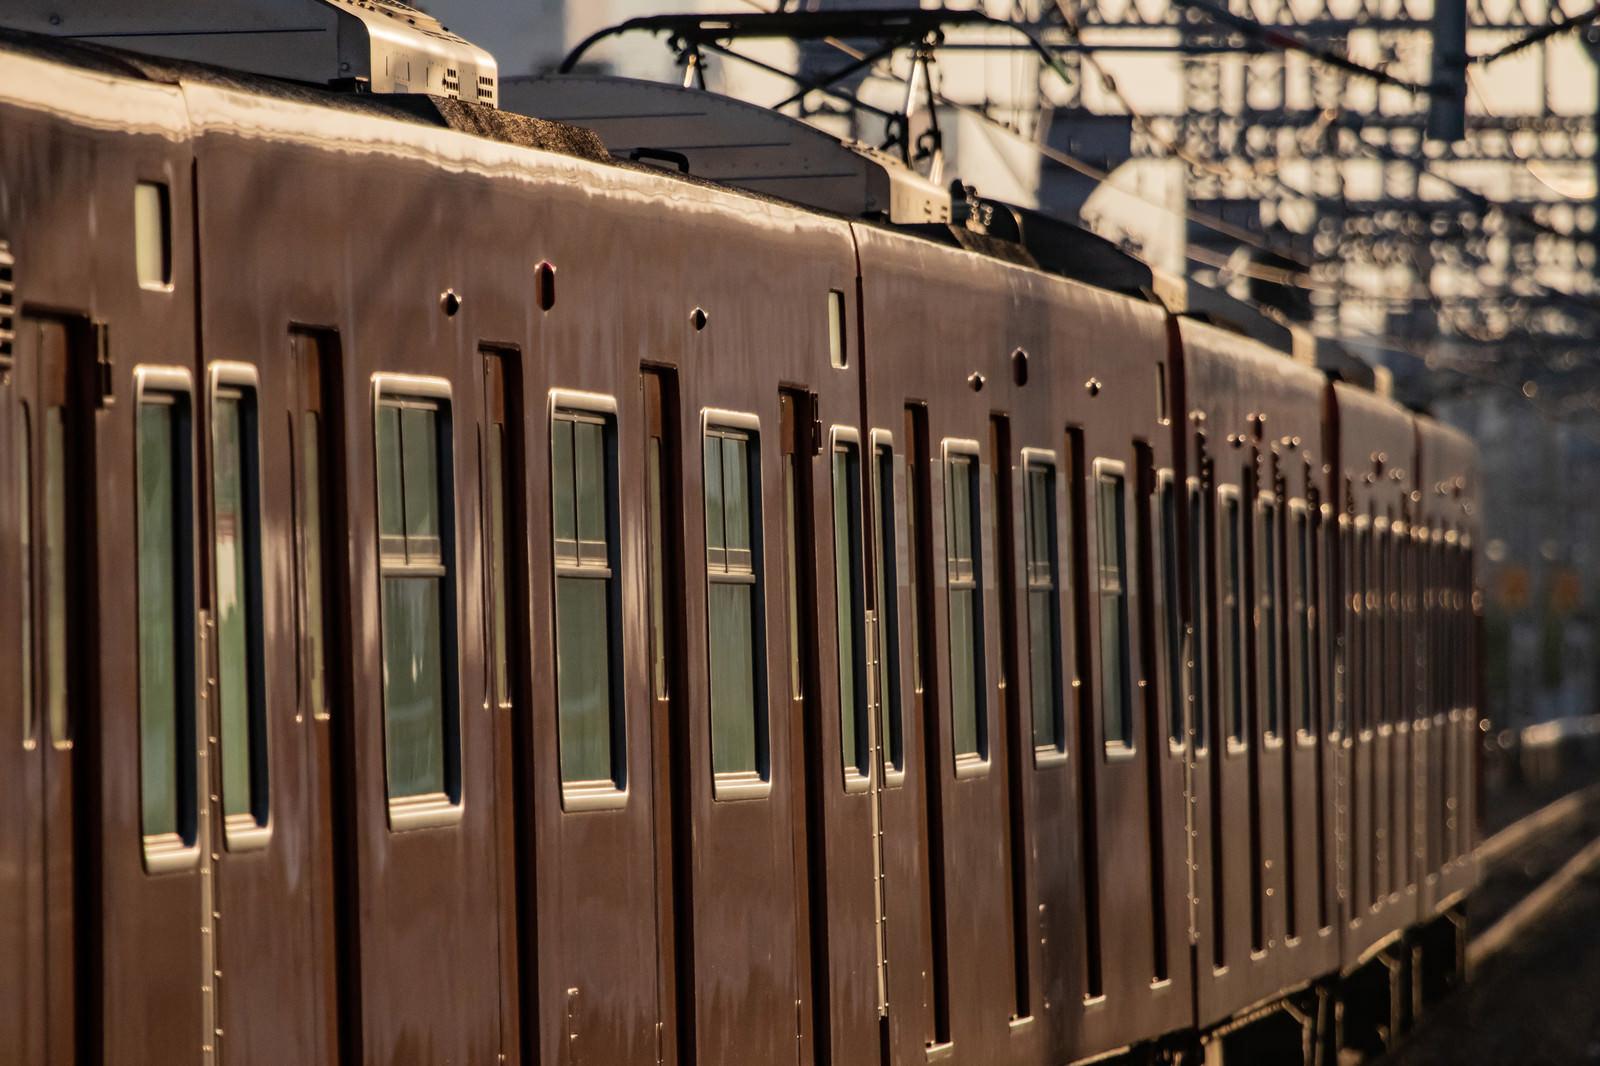 「今は無き大阪環状線103系 | 写真の無料素材・フリー素材 - ぱくたそ」の写真